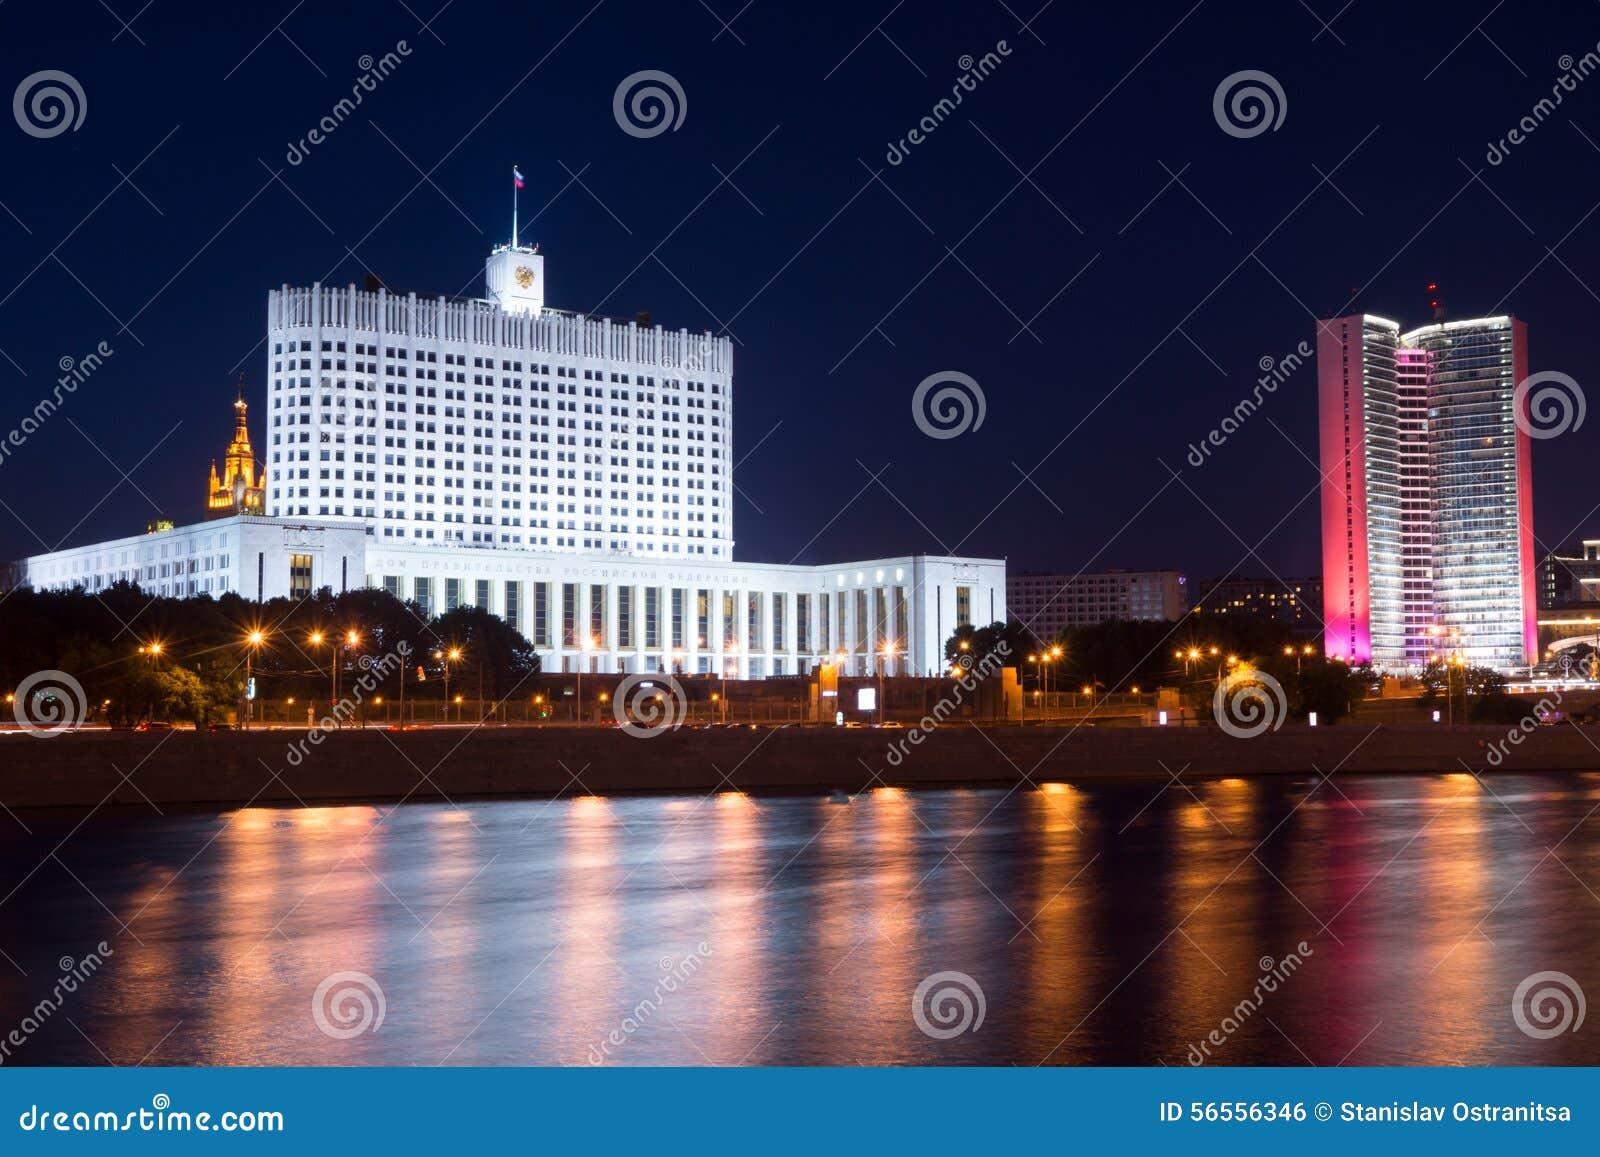 Download Η οικοδόμηση της ρωσικής κυβέρνησης Στοκ Εικόνες - εικόνα από νύχτα, θάμνος: 56556346